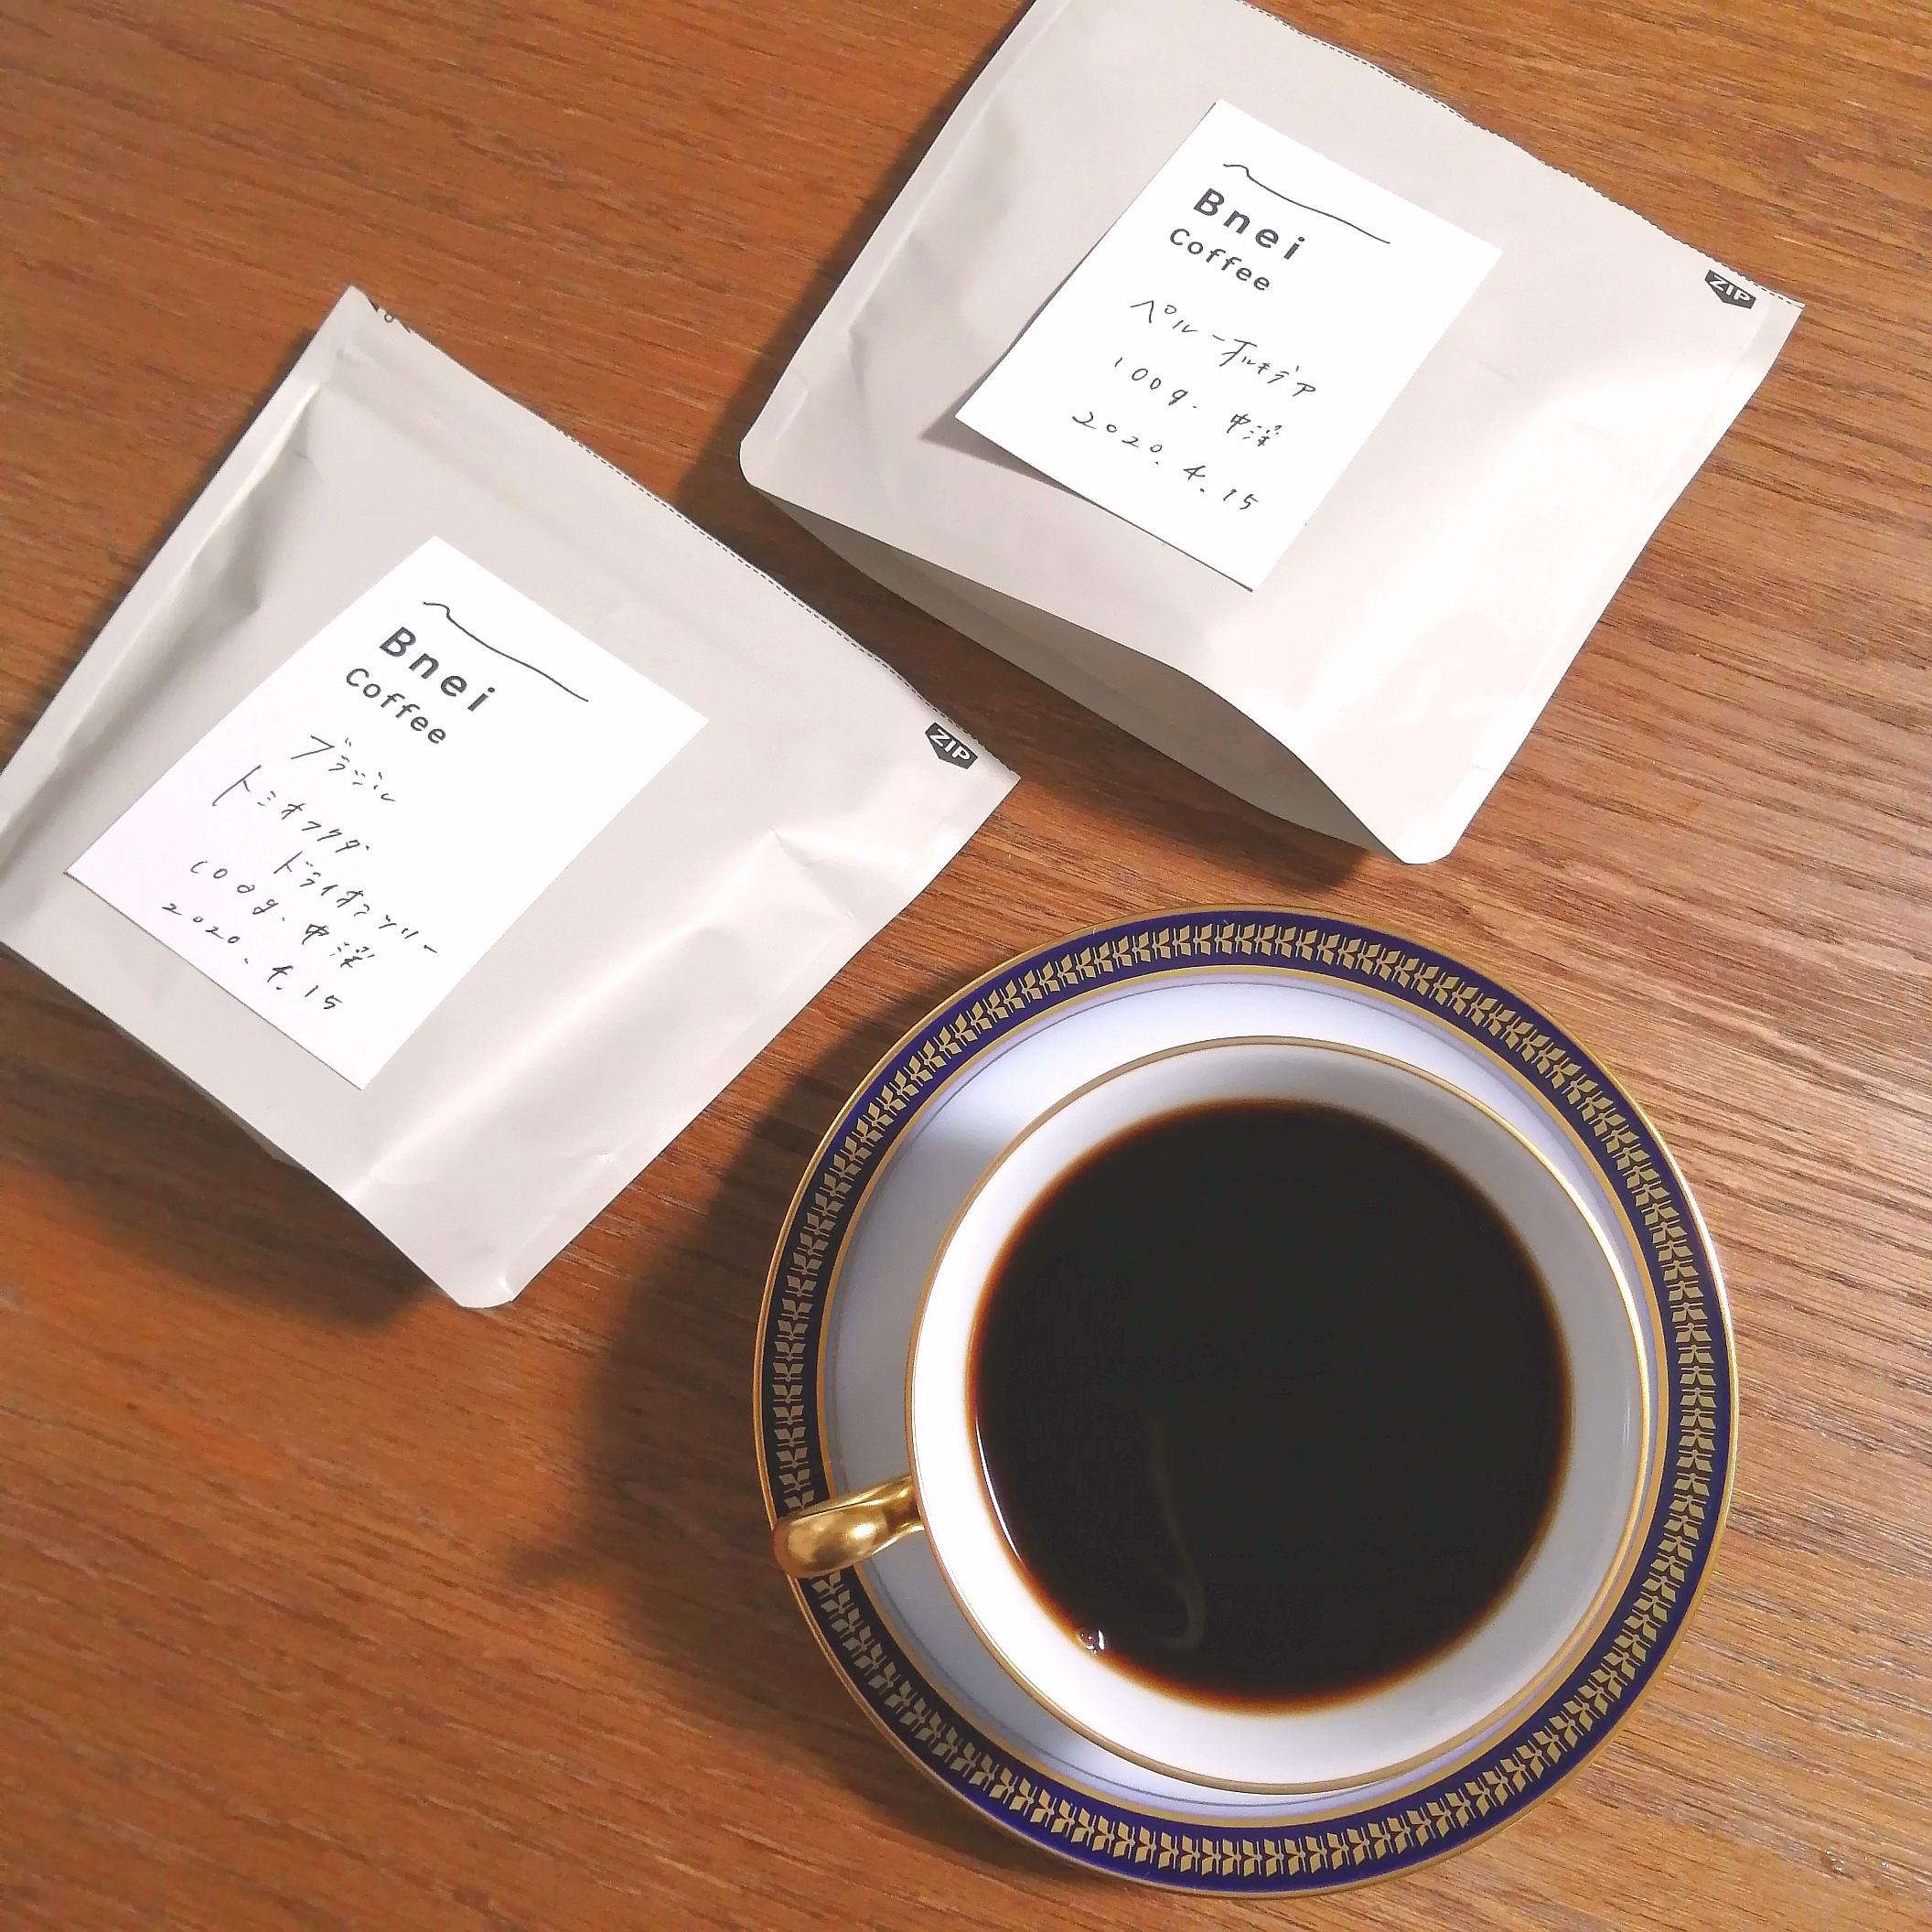 BneiCoffeeコーヒー豆テイクアウト